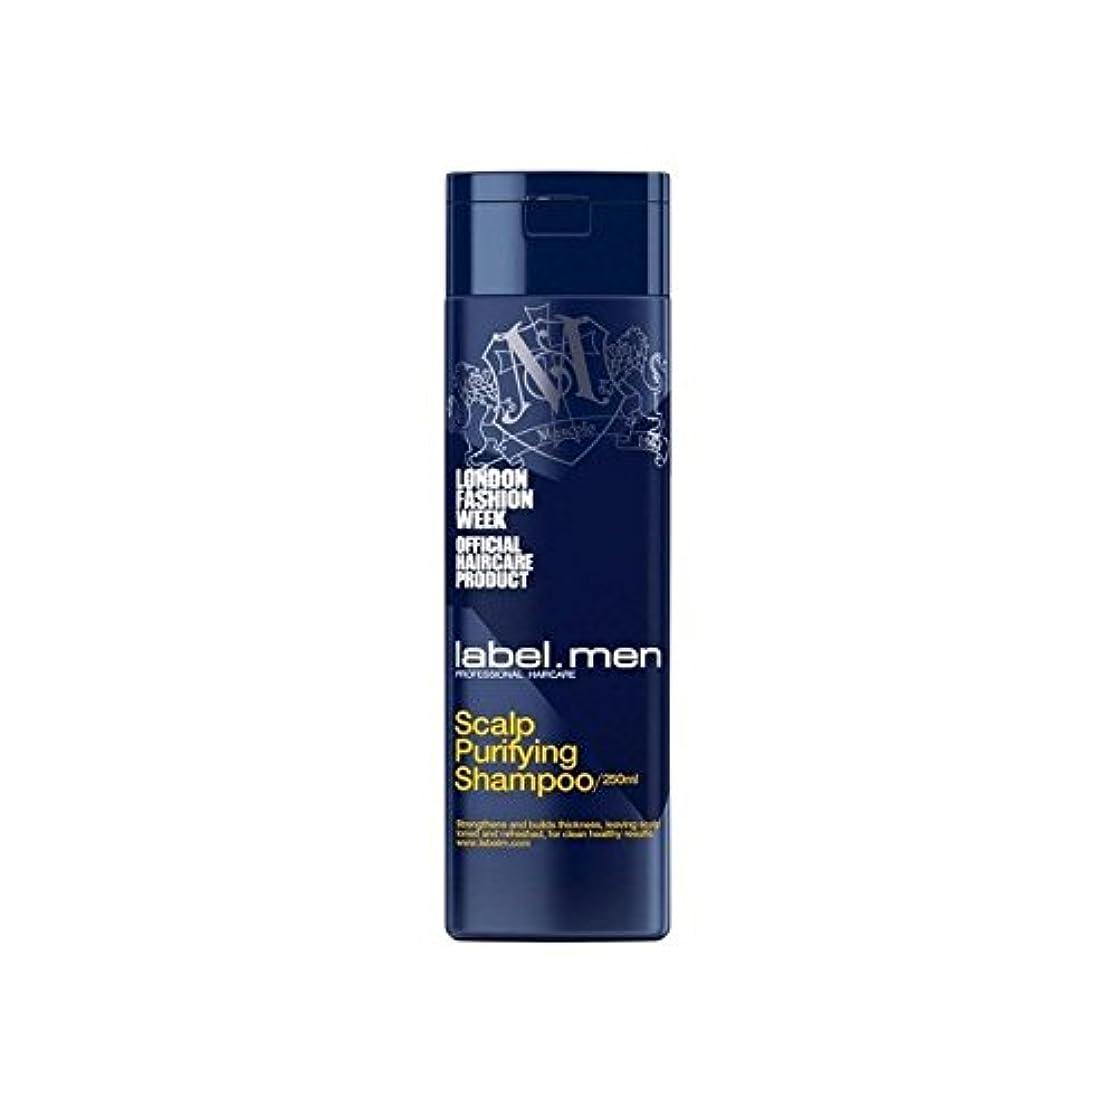 大きい柔らかい公爵夫人.頭皮浄化シャンプー(250ミリリットル) x4 - Label.Men Scalp Purifying Shampoo (250ml) (Pack of 4) [並行輸入品]